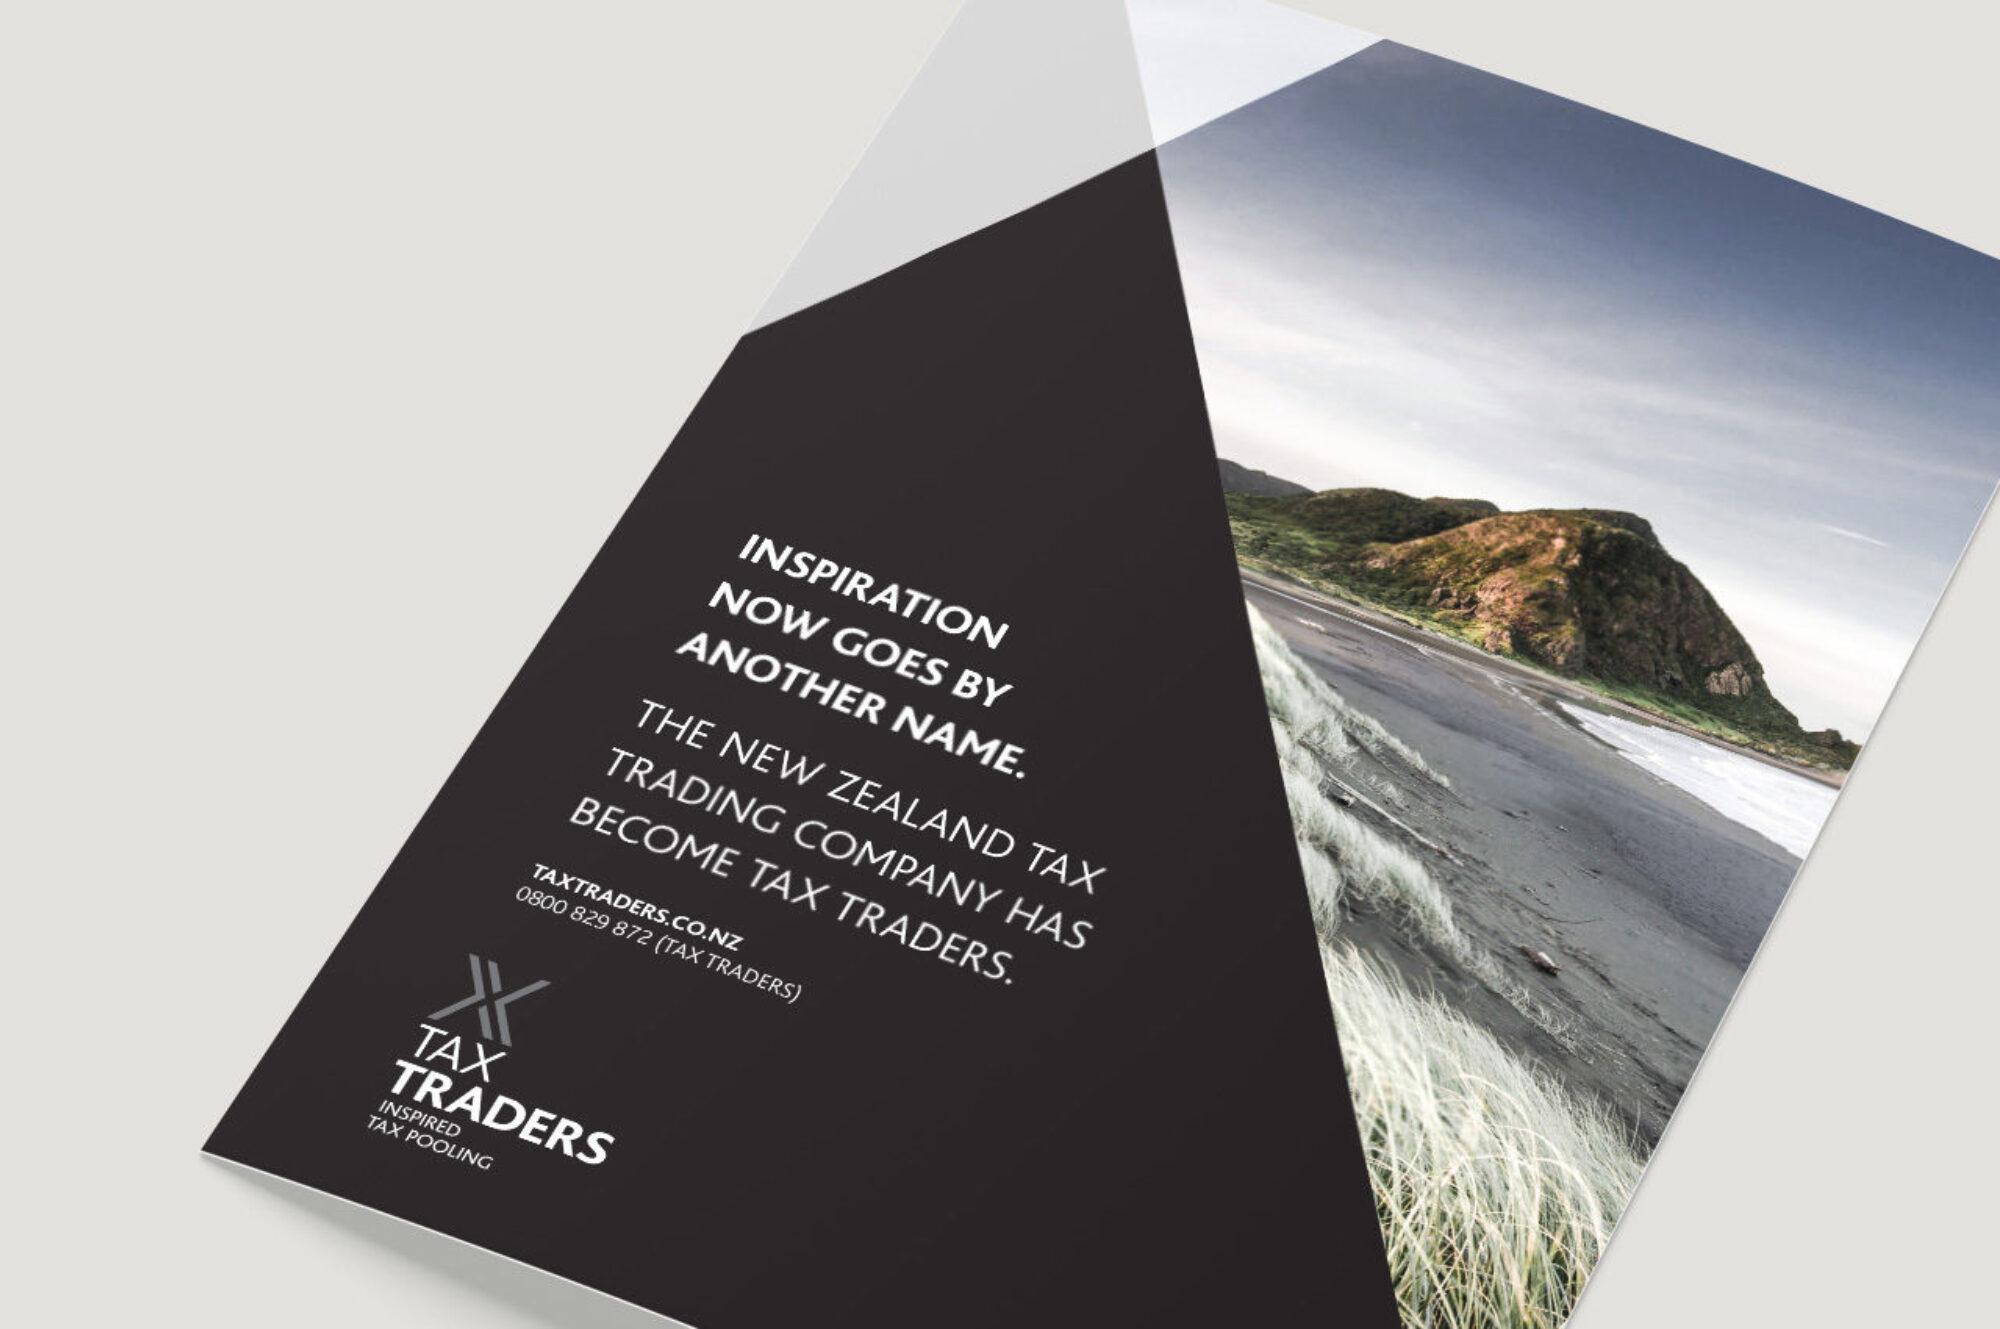 Tax Traders press advert